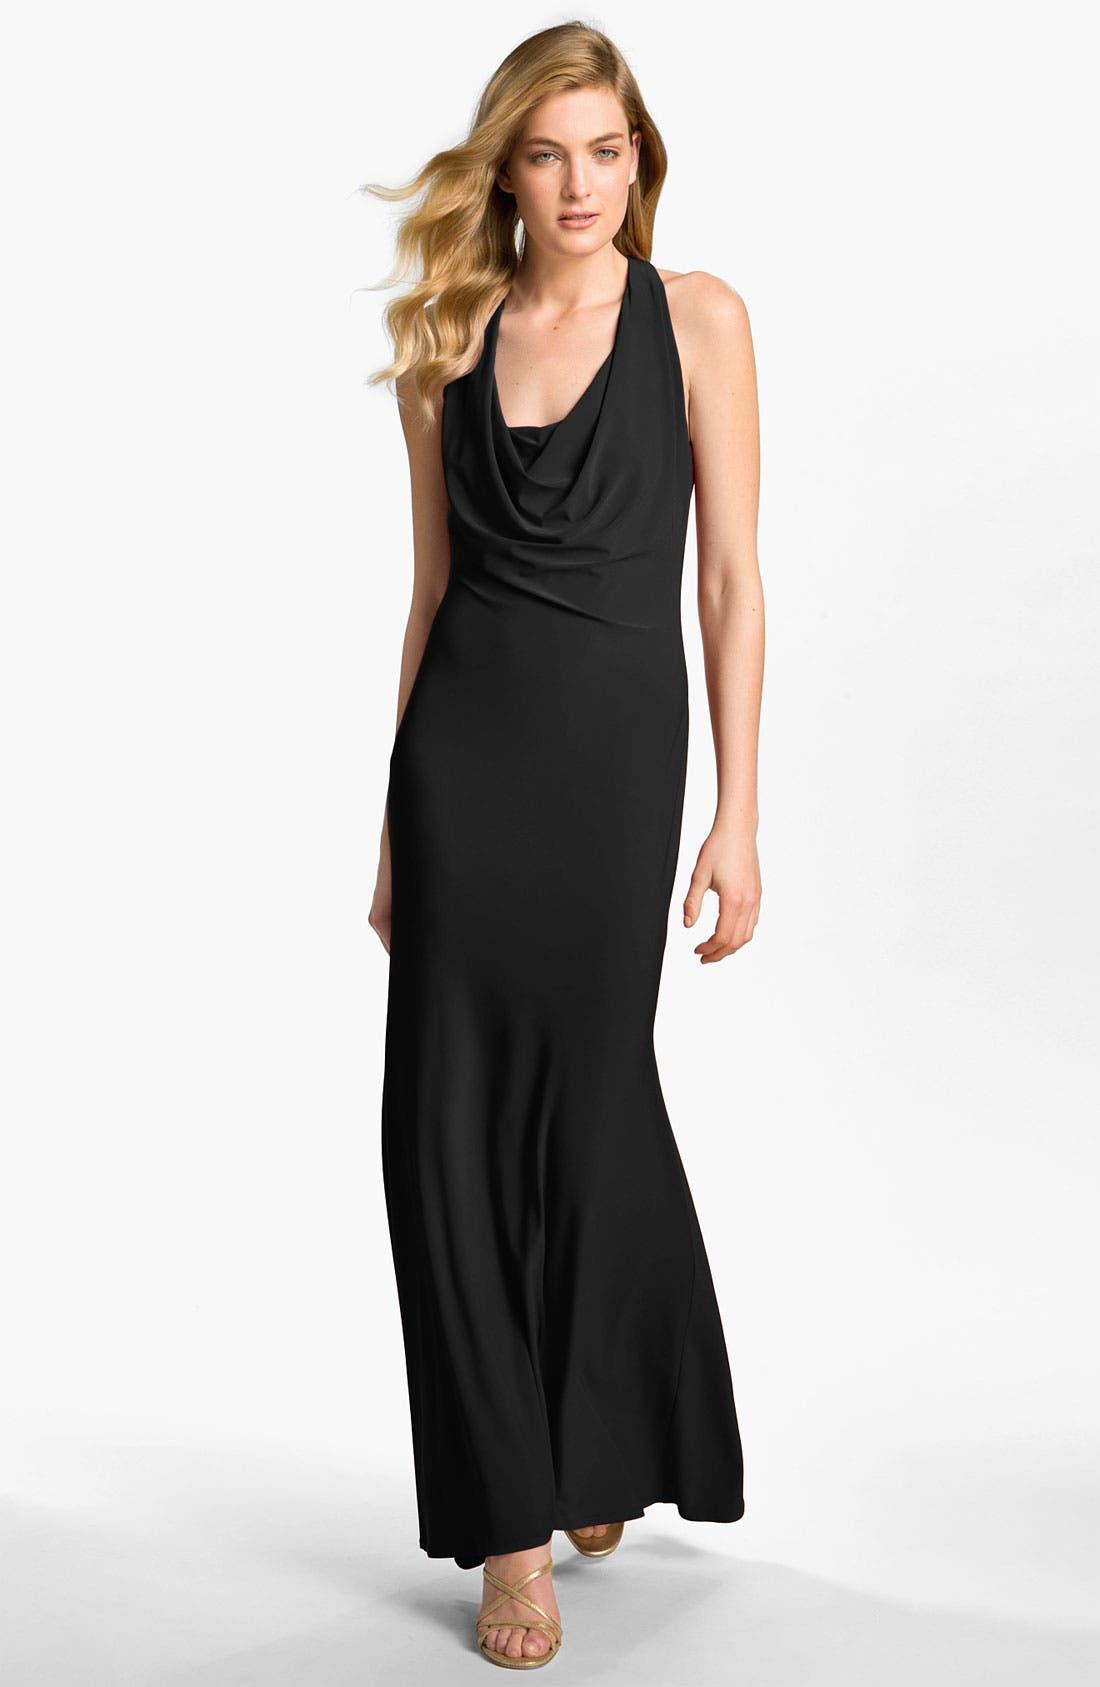 Main Image - A.B.S. by Allen Schwartz Cowl Neck Jersey Gown